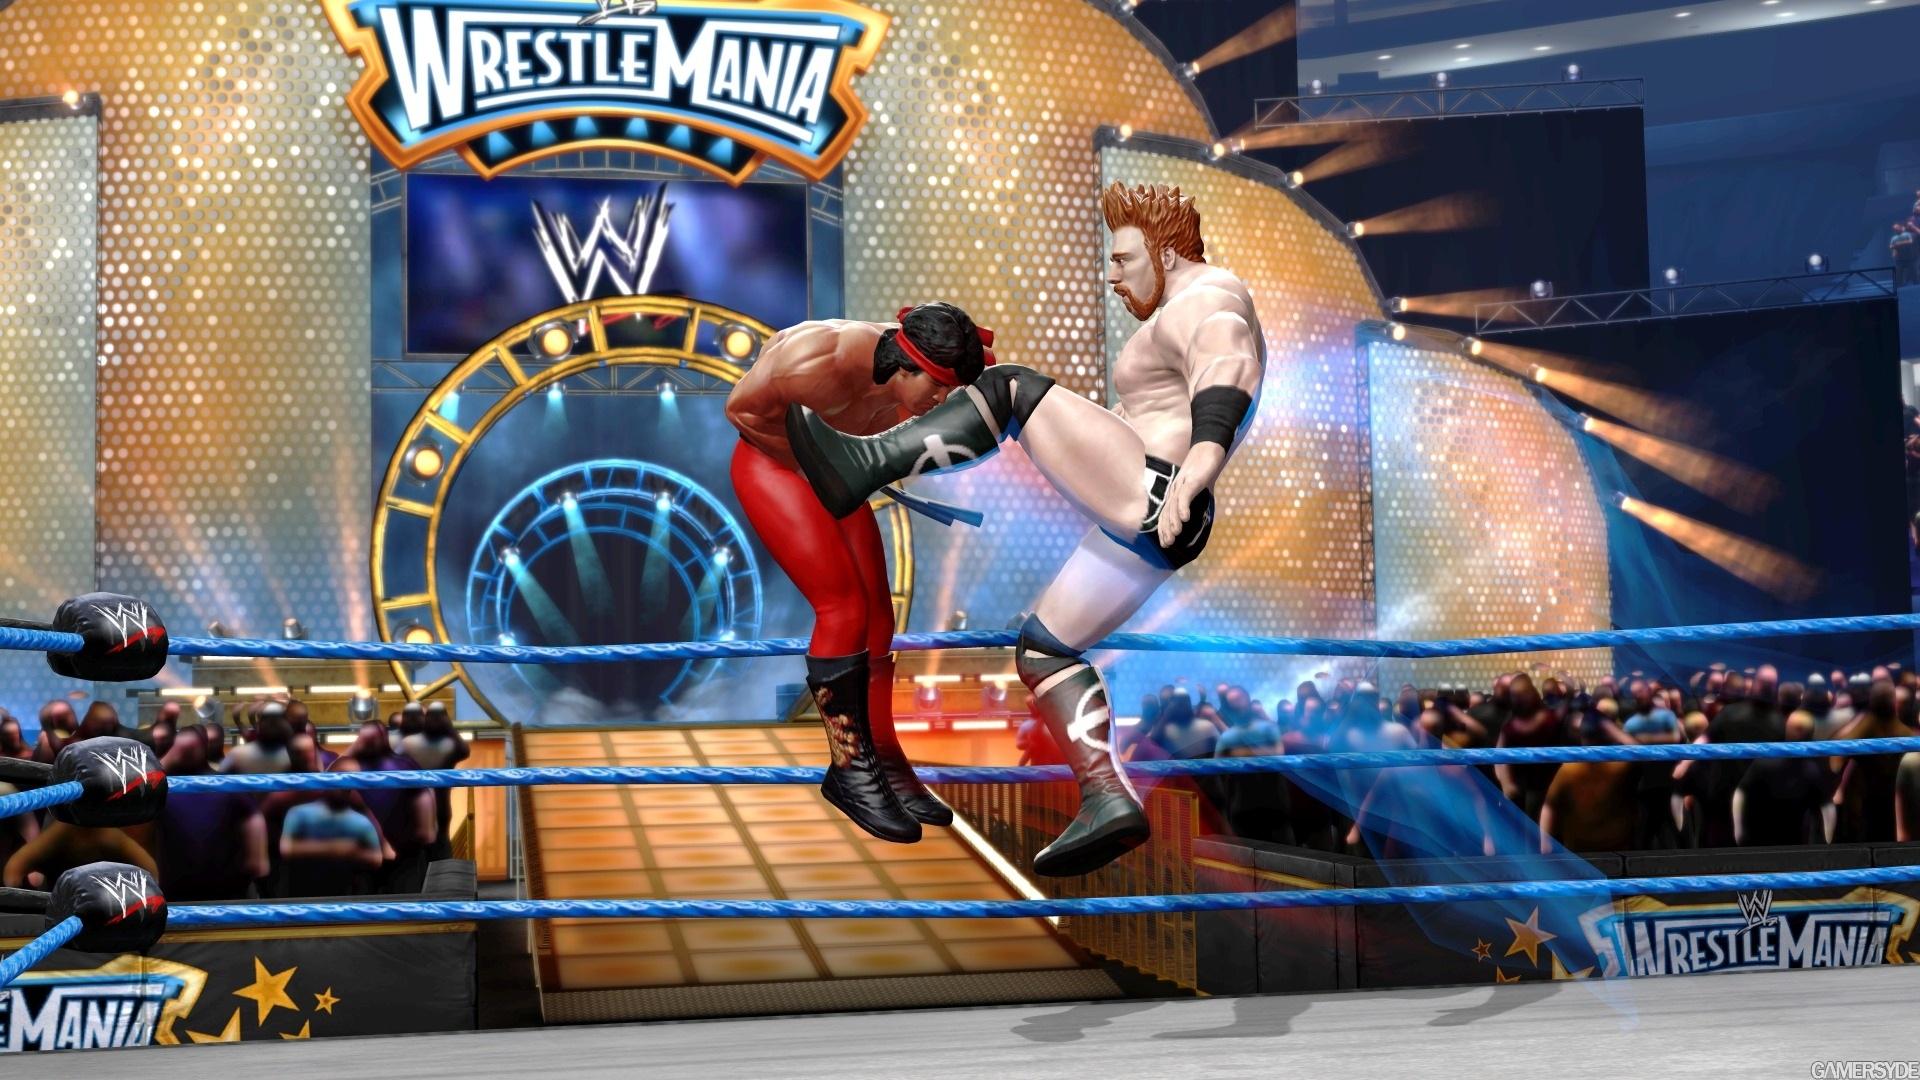 火爆摔跤游戏 WWE All Stars 超大高清无水印壁纸